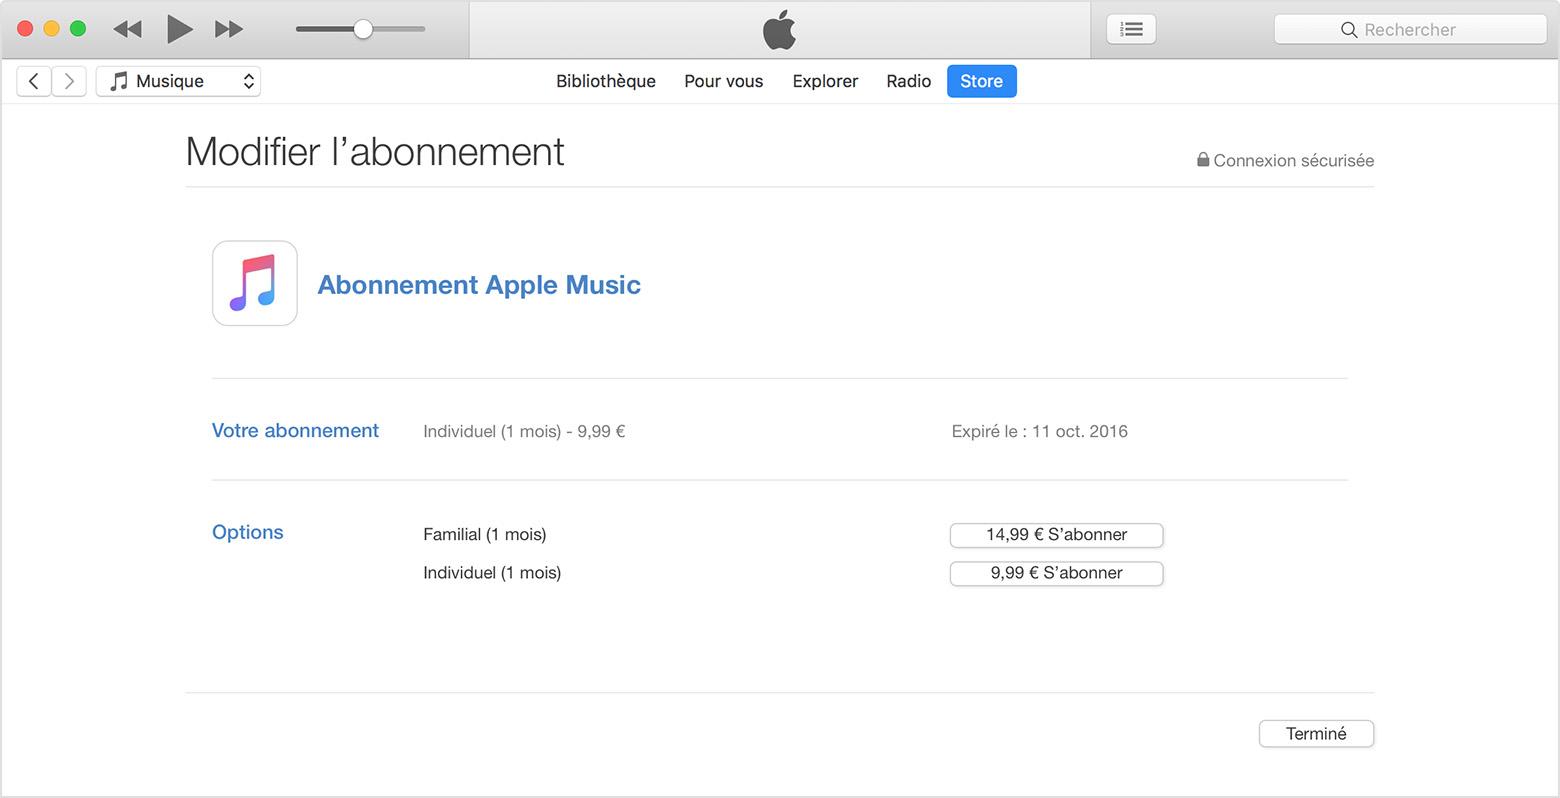 Gestion de votre abonnement à Apple Music sur votre iPhone